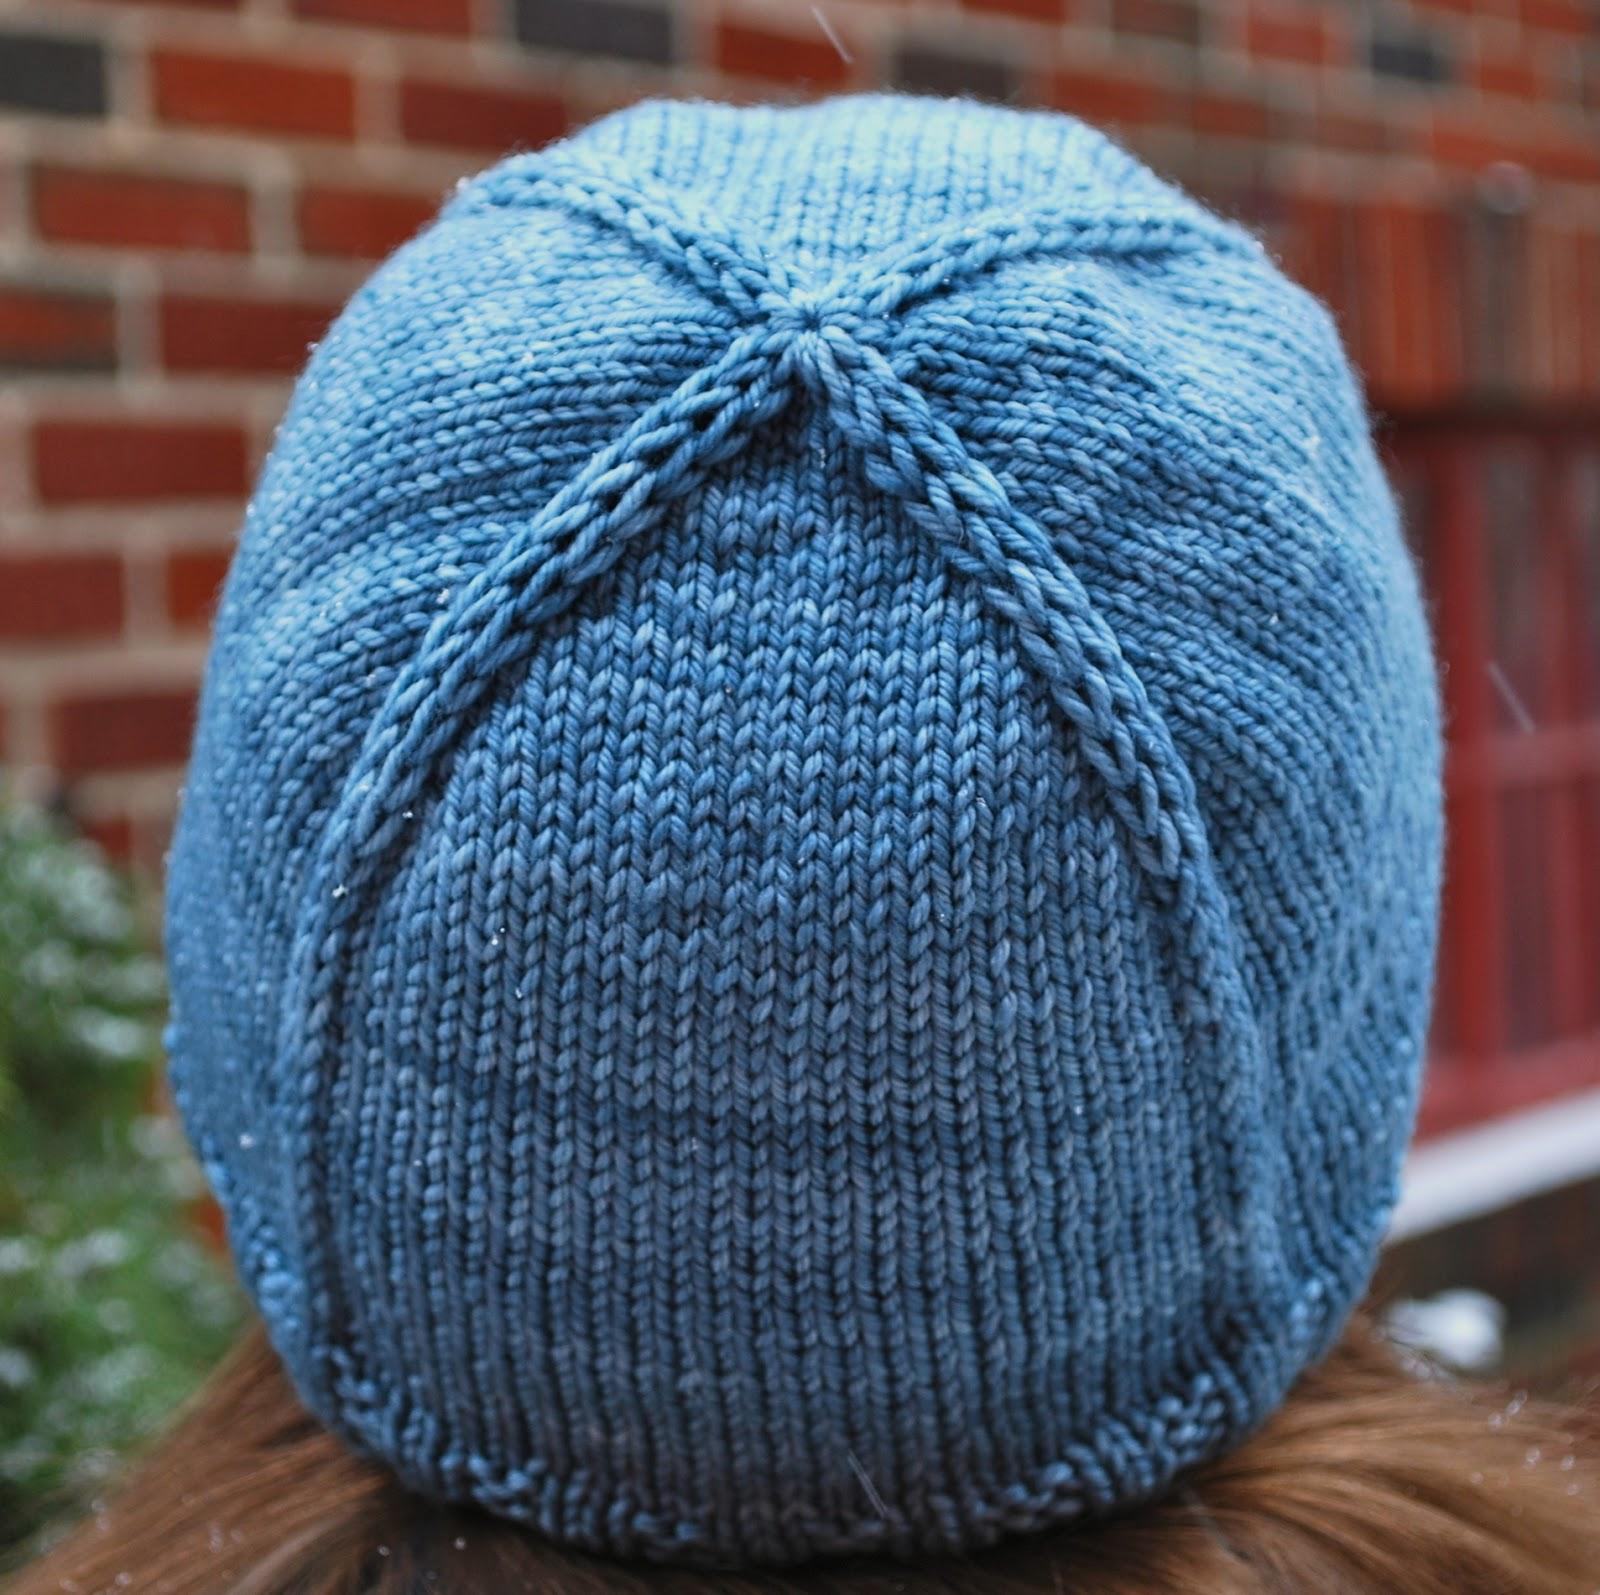 Knit/Wit: Patterns